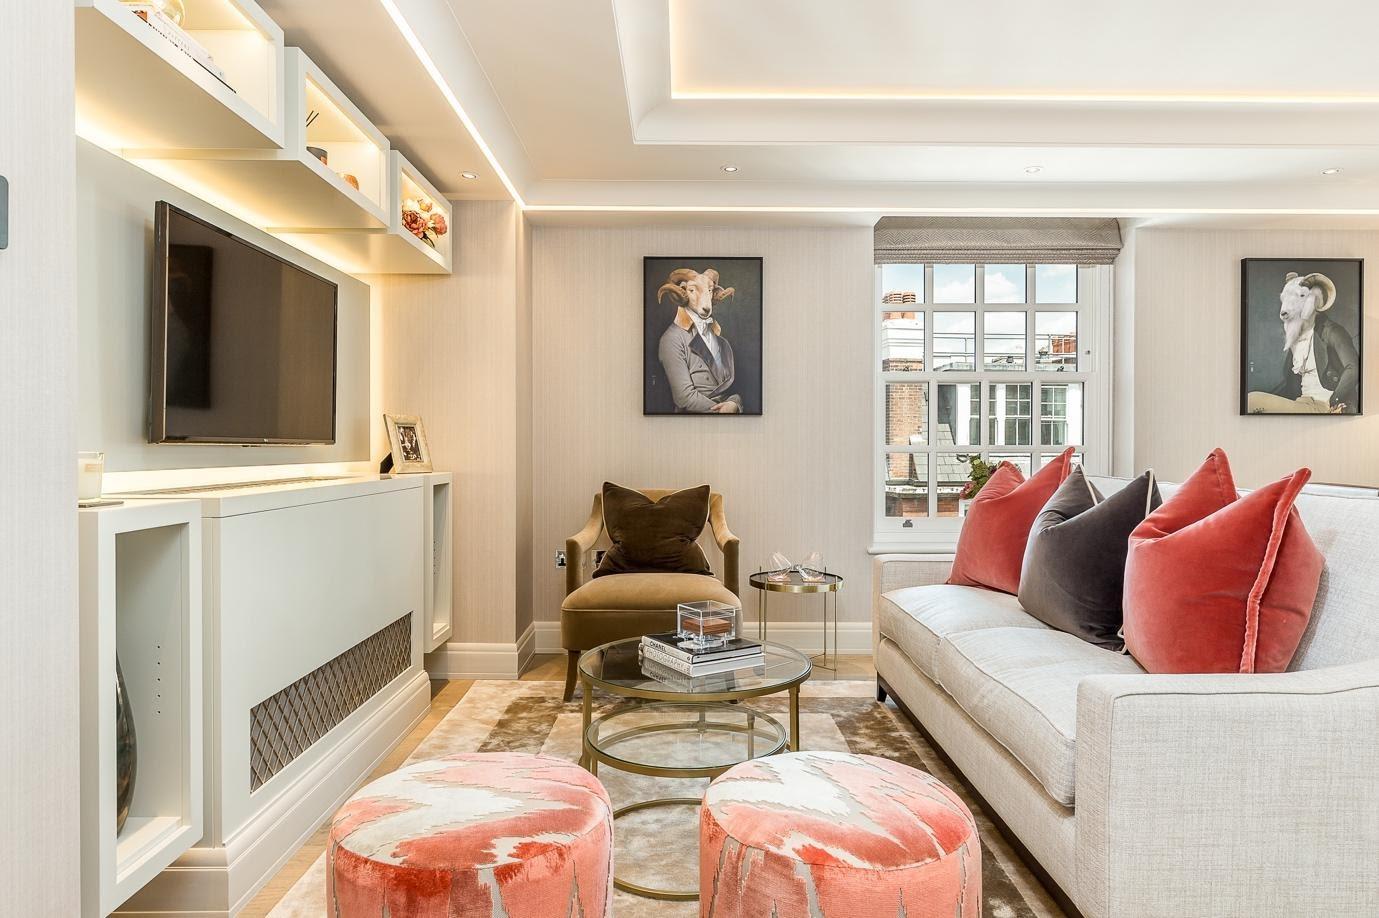 Luxury Villa Interiors